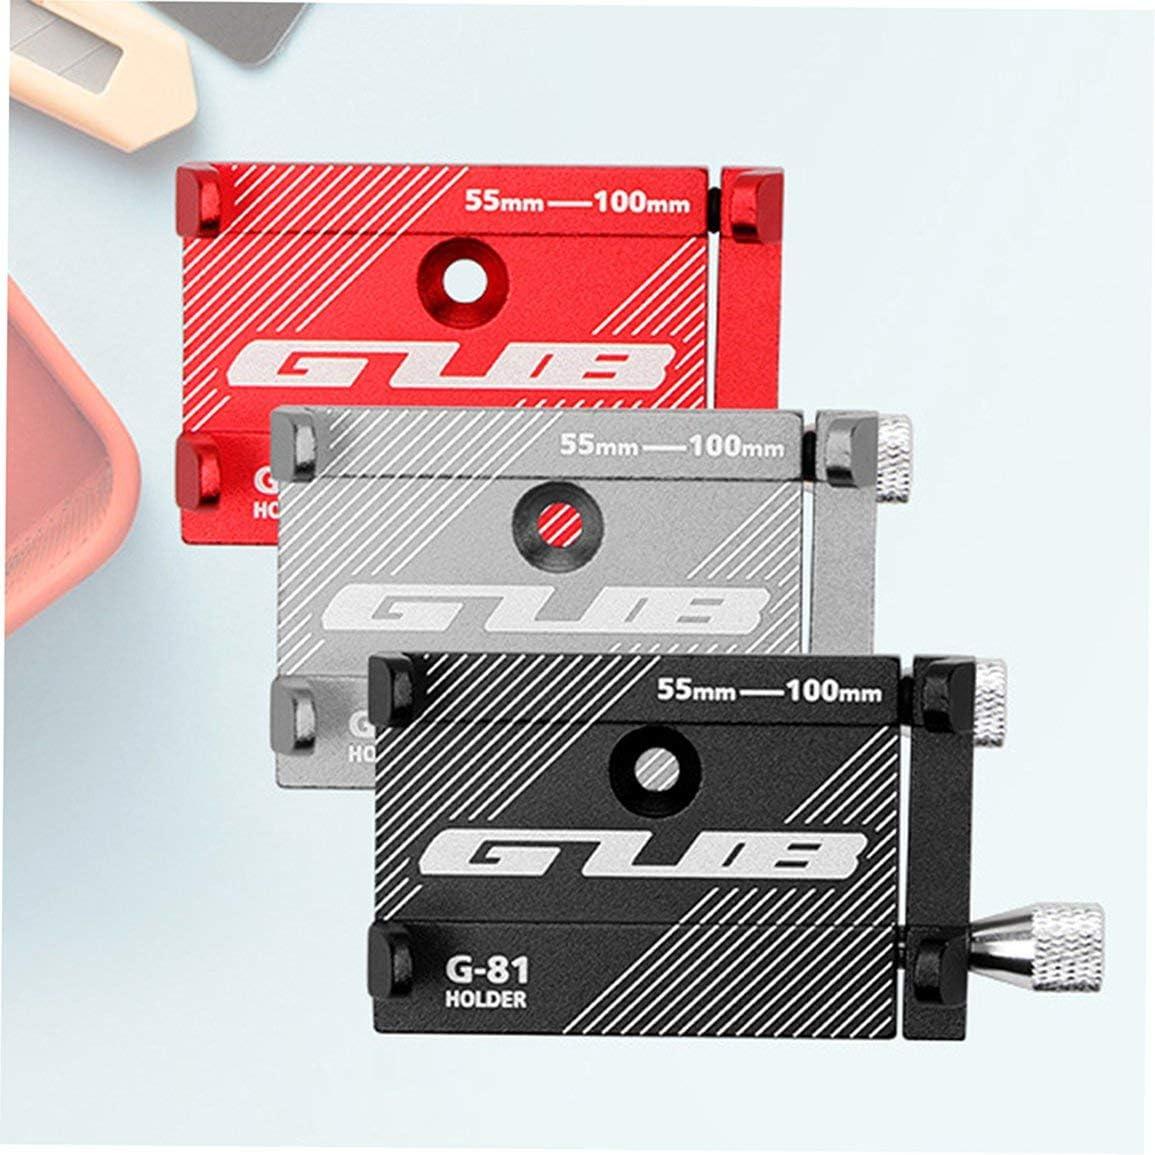 #N//A GUB Aluminio MTB Bicicleta//Moto Soporte para tel/éfono m/óvil